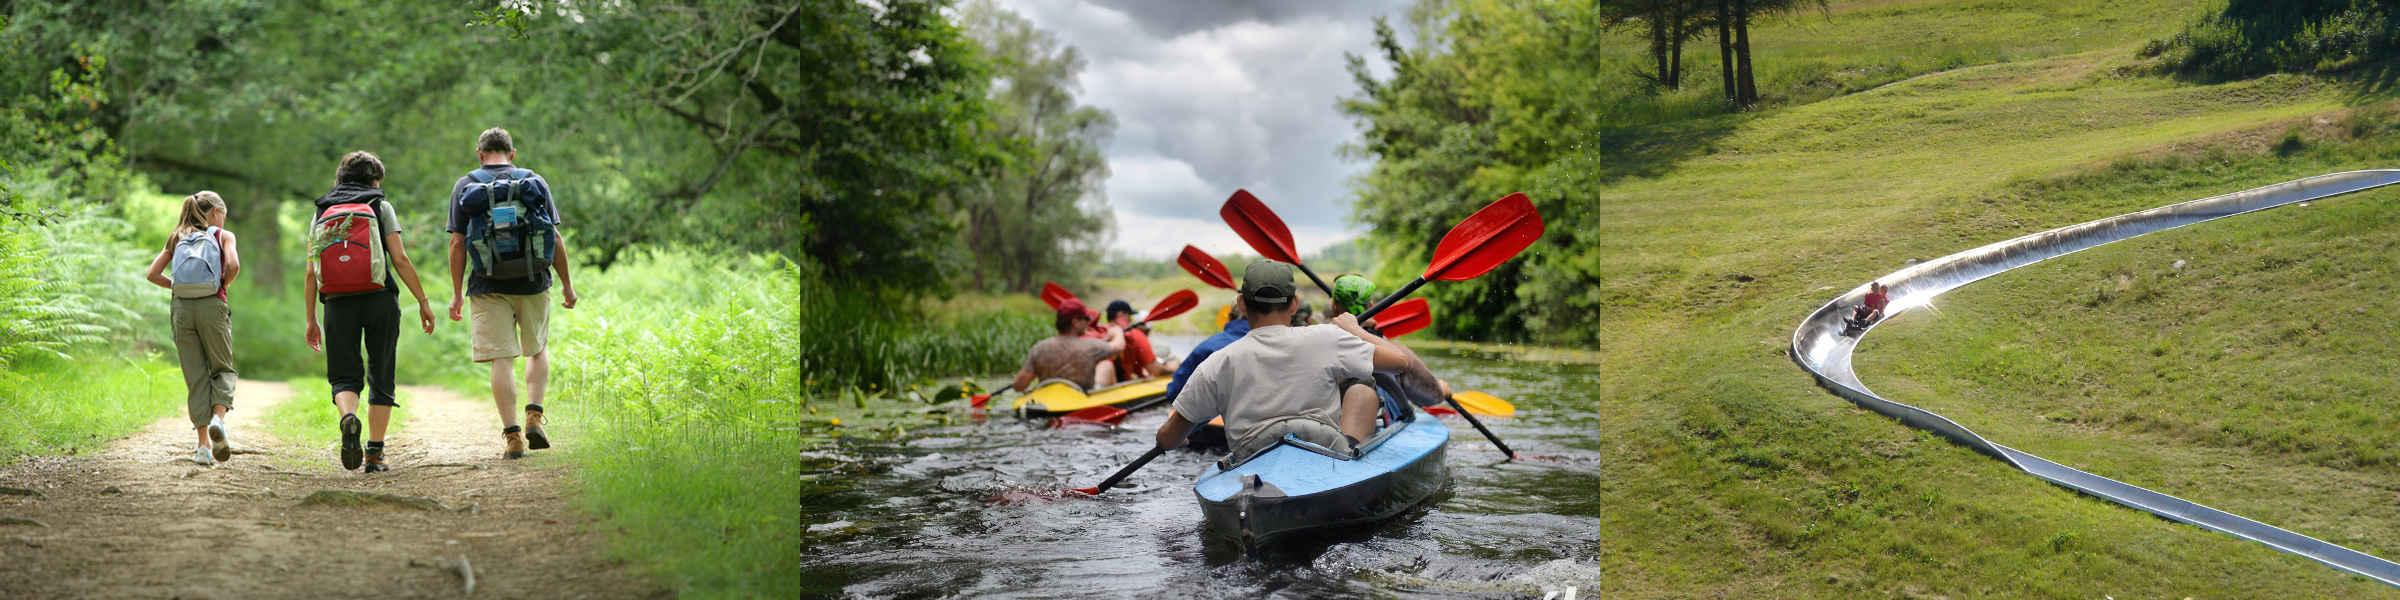 randonnées VTT Kayak Luge